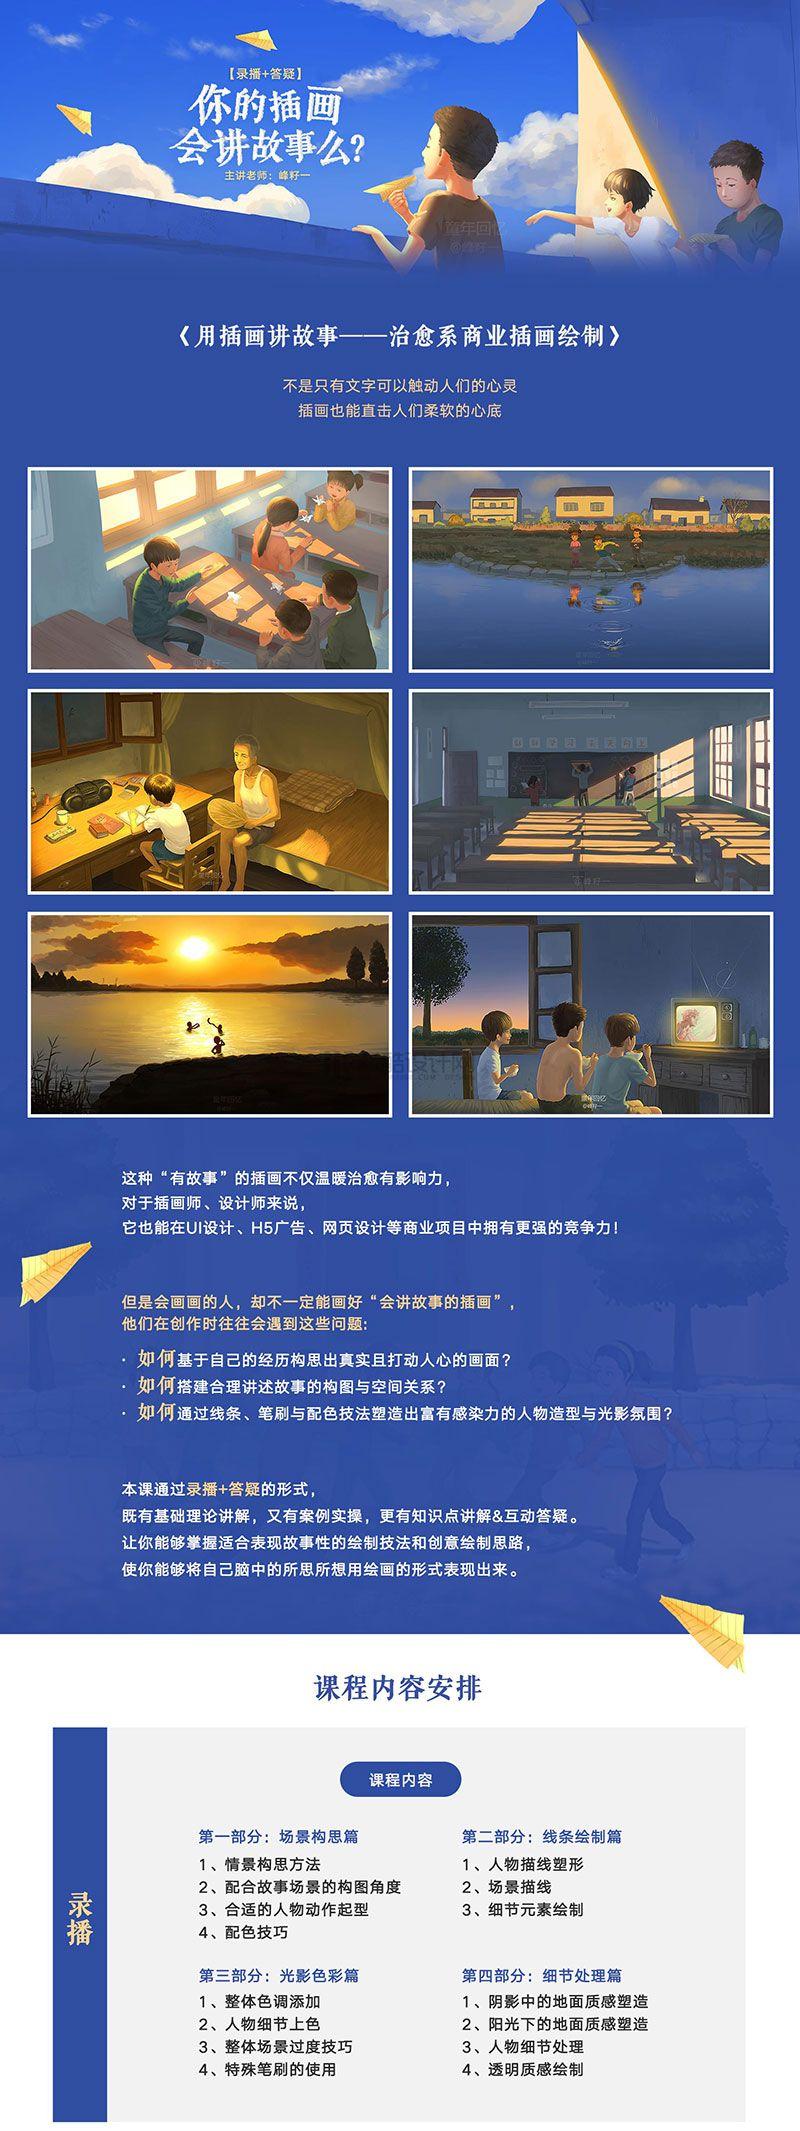 【商业插画】治愈系商业插画视频教程(含素材)